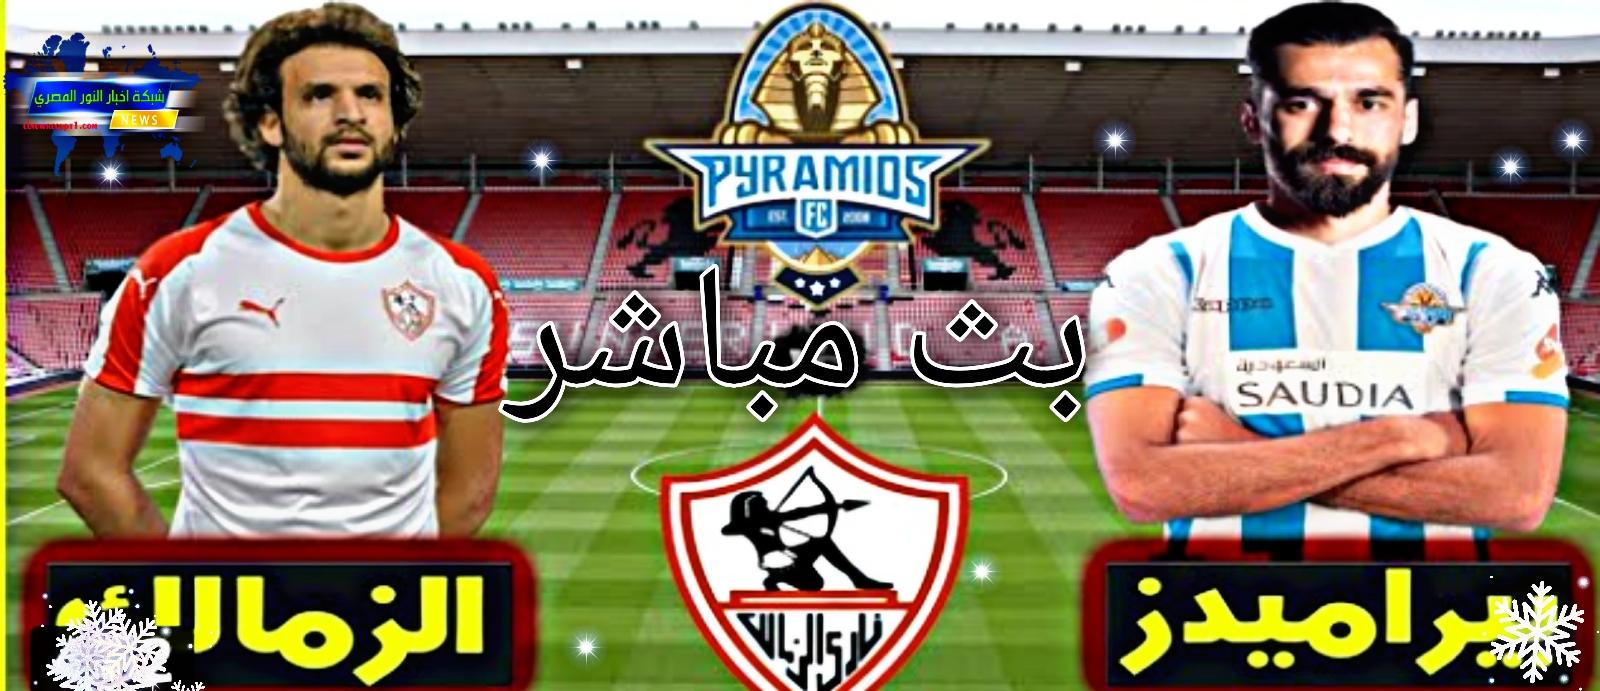 يلا شوت حصري ~ مشاهدة مباراة الزمالك وبيراميدز اليوم 17-12-2020 لايف الان بجودة عالية بجودة تقطيعات